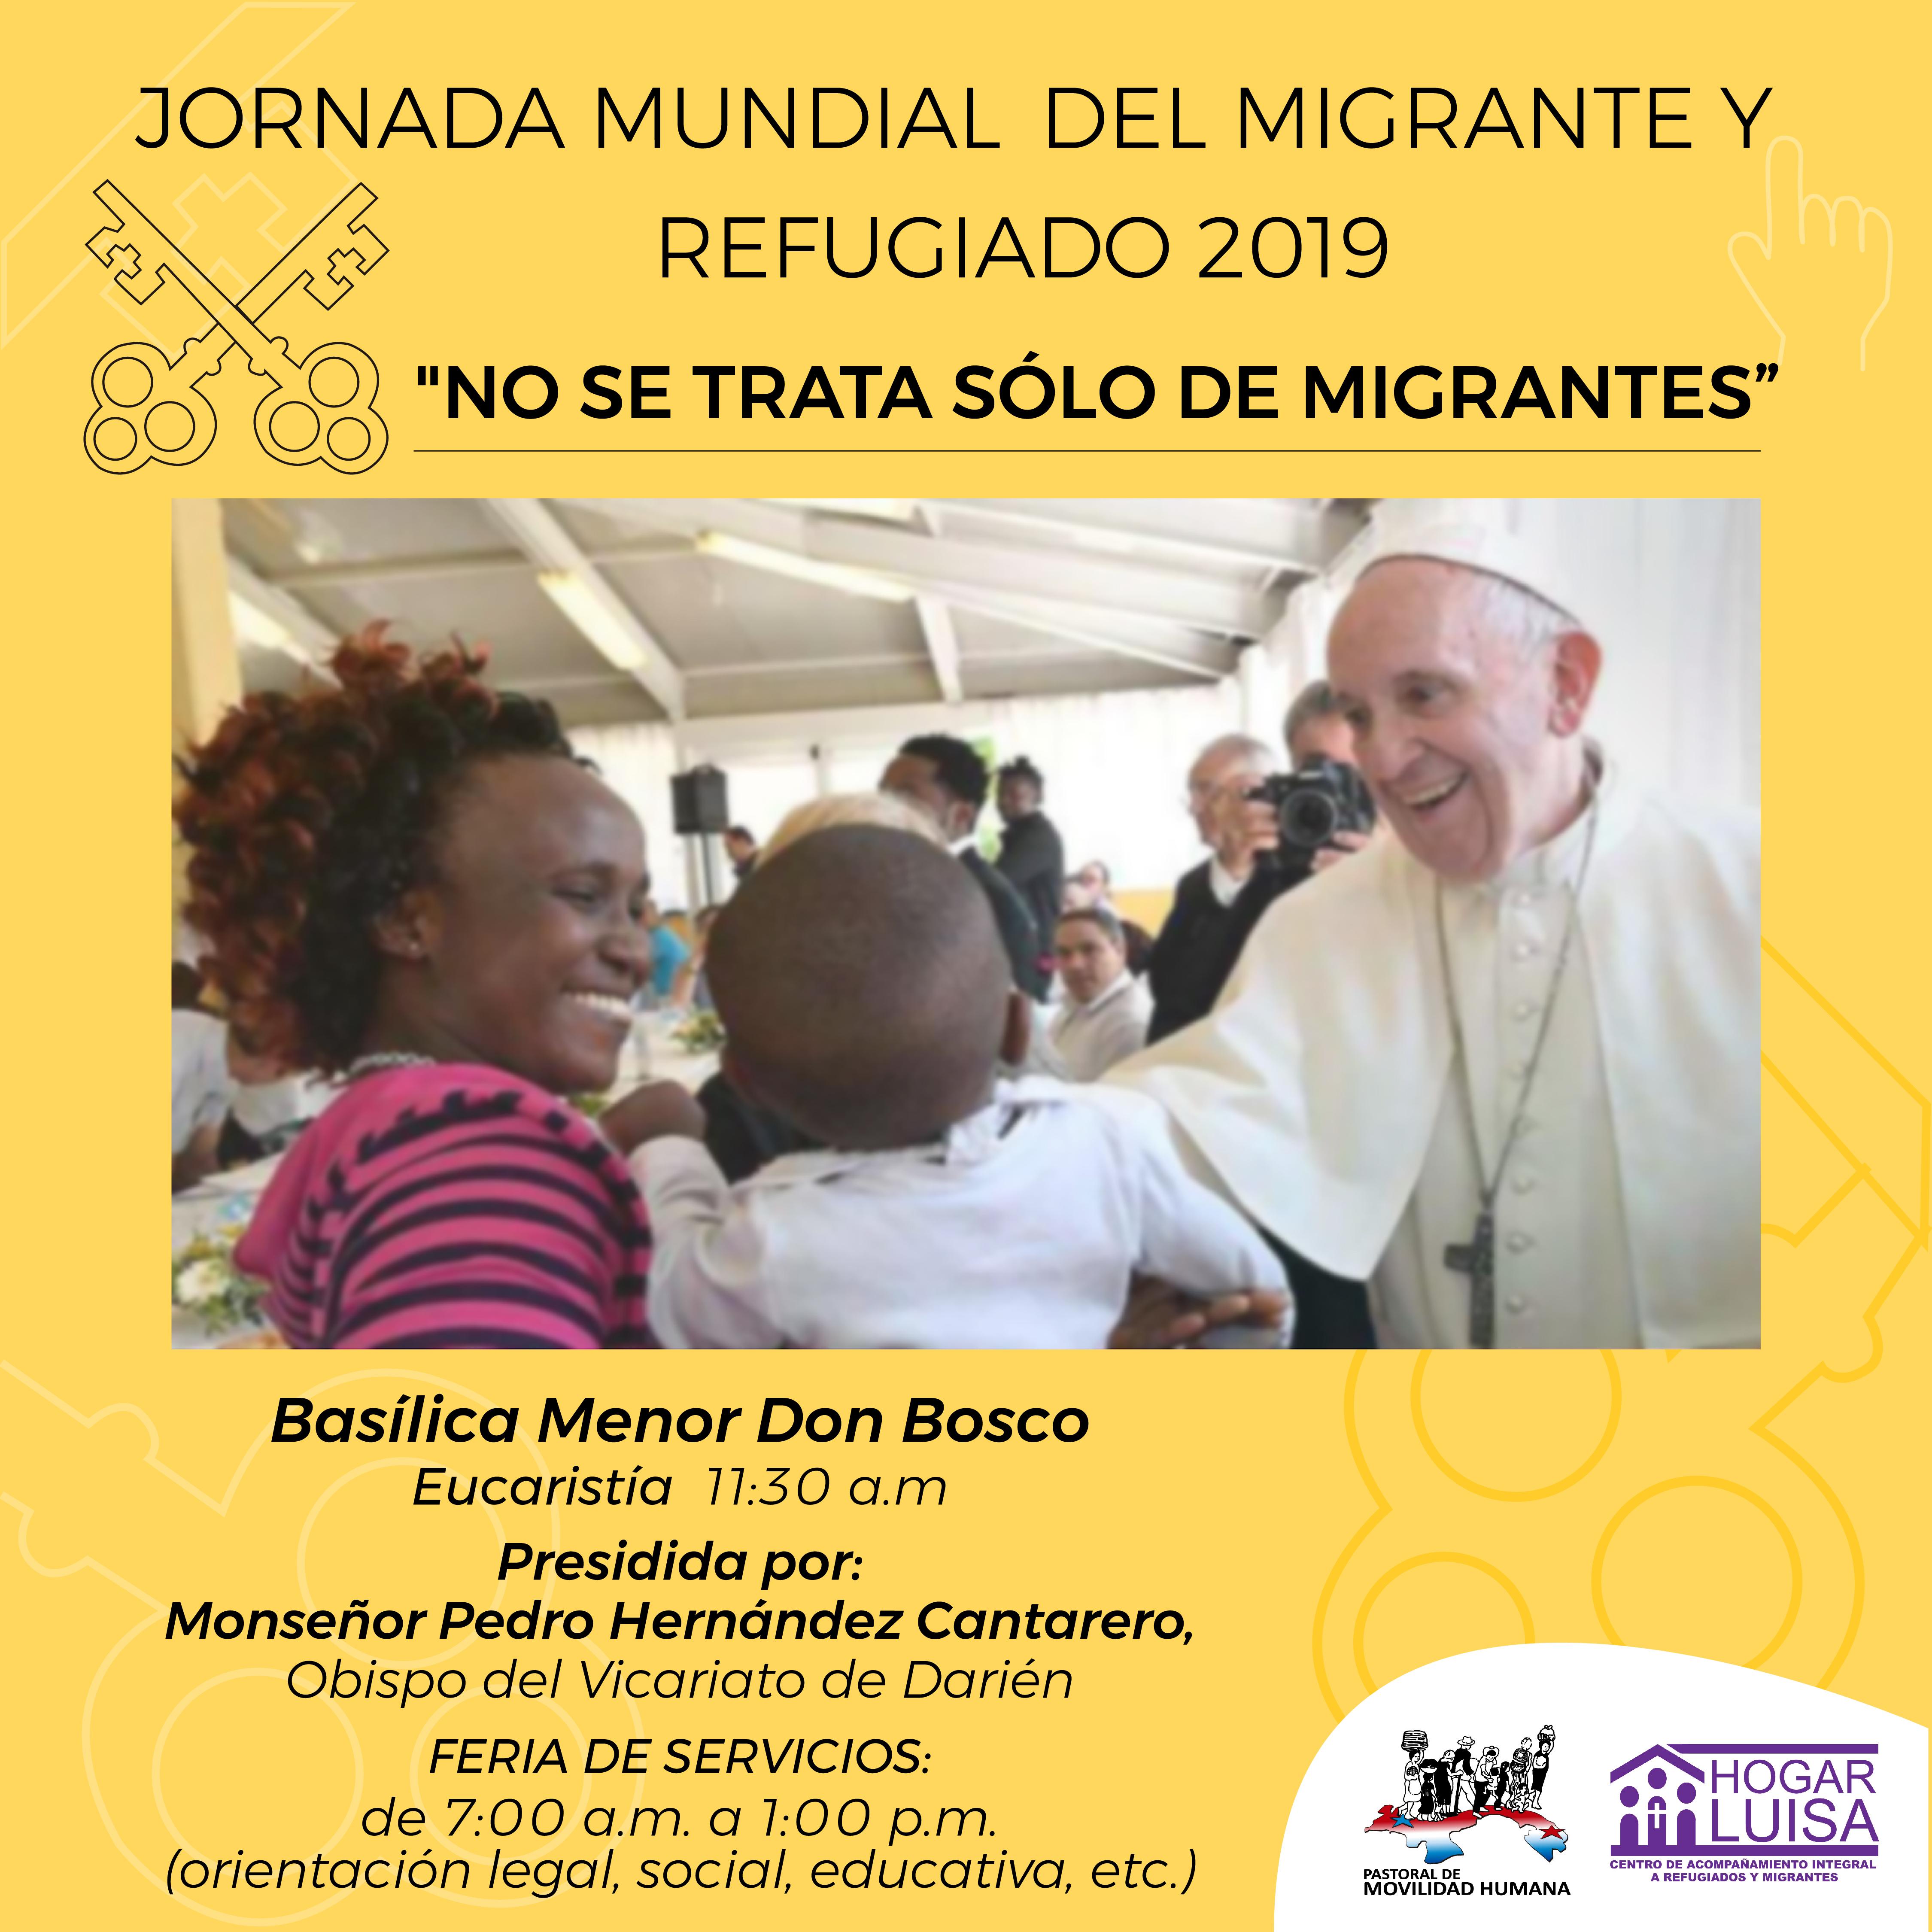 Eucaristía,por la 105 Jornada Mundial del Migrante y Refugiado